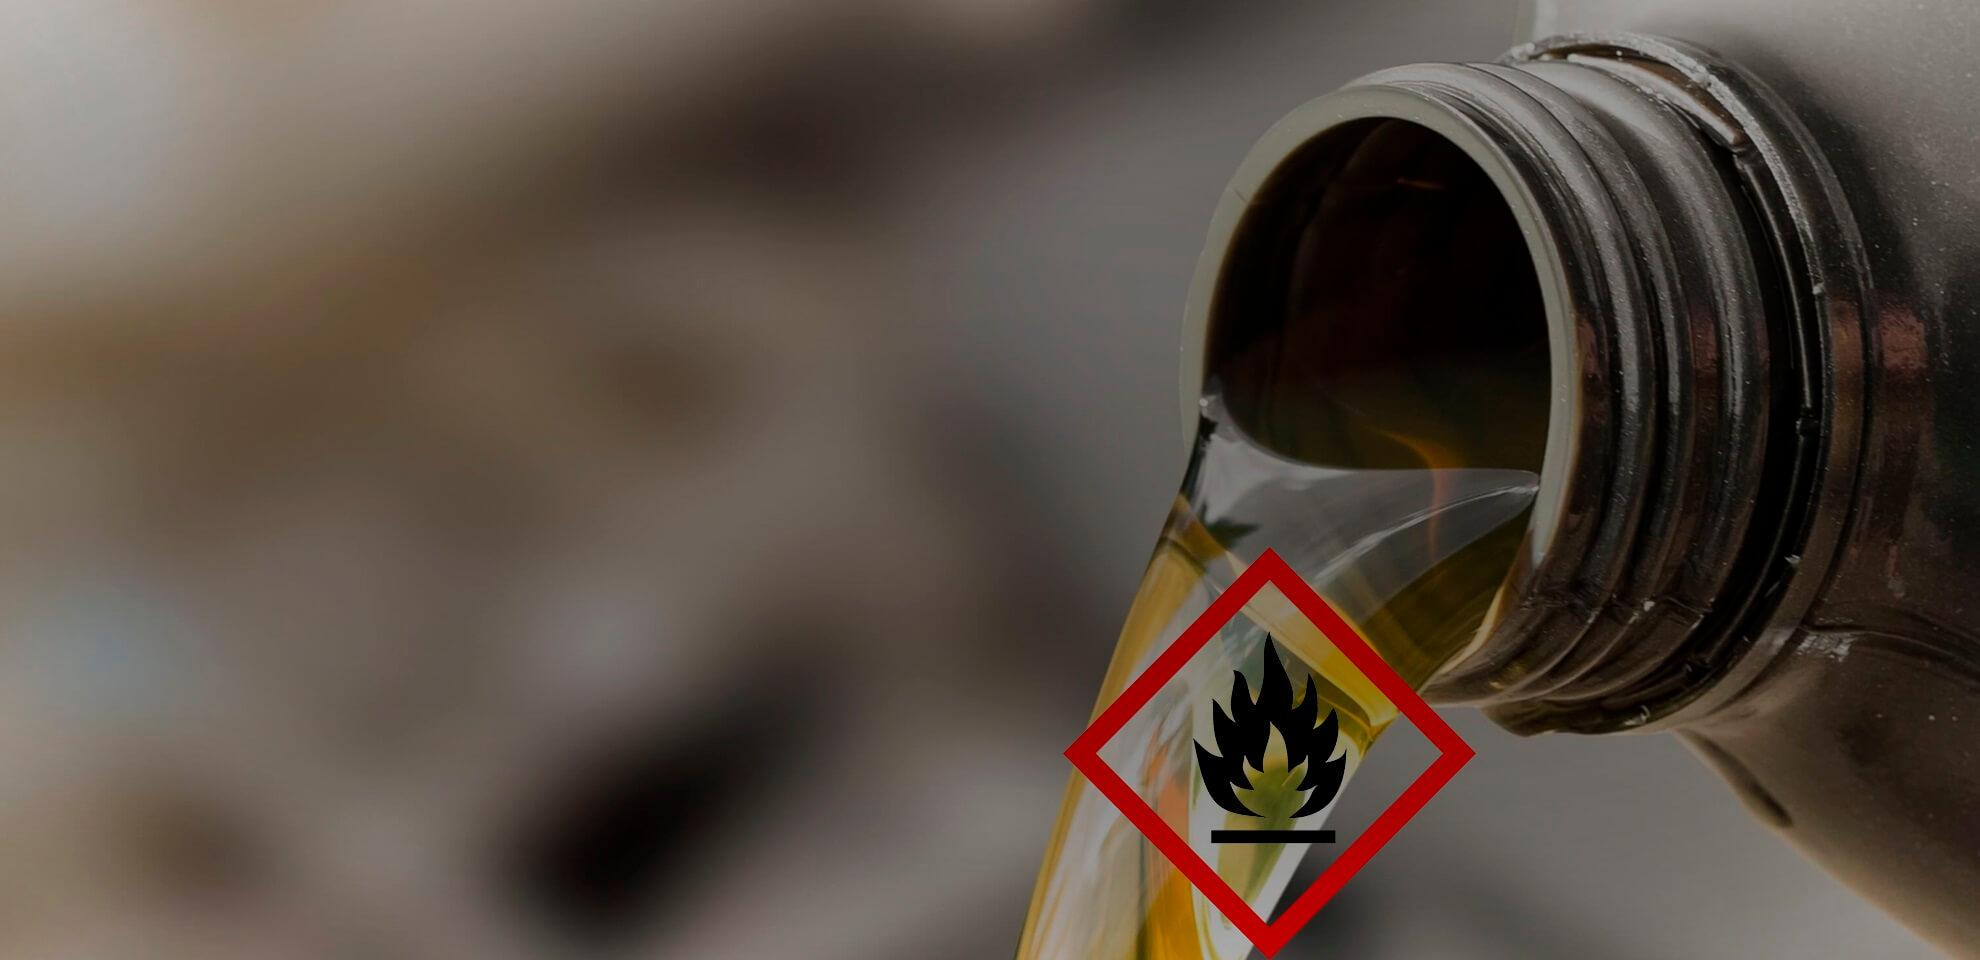 Lanternas EX para transporte de Produtos Perigosos